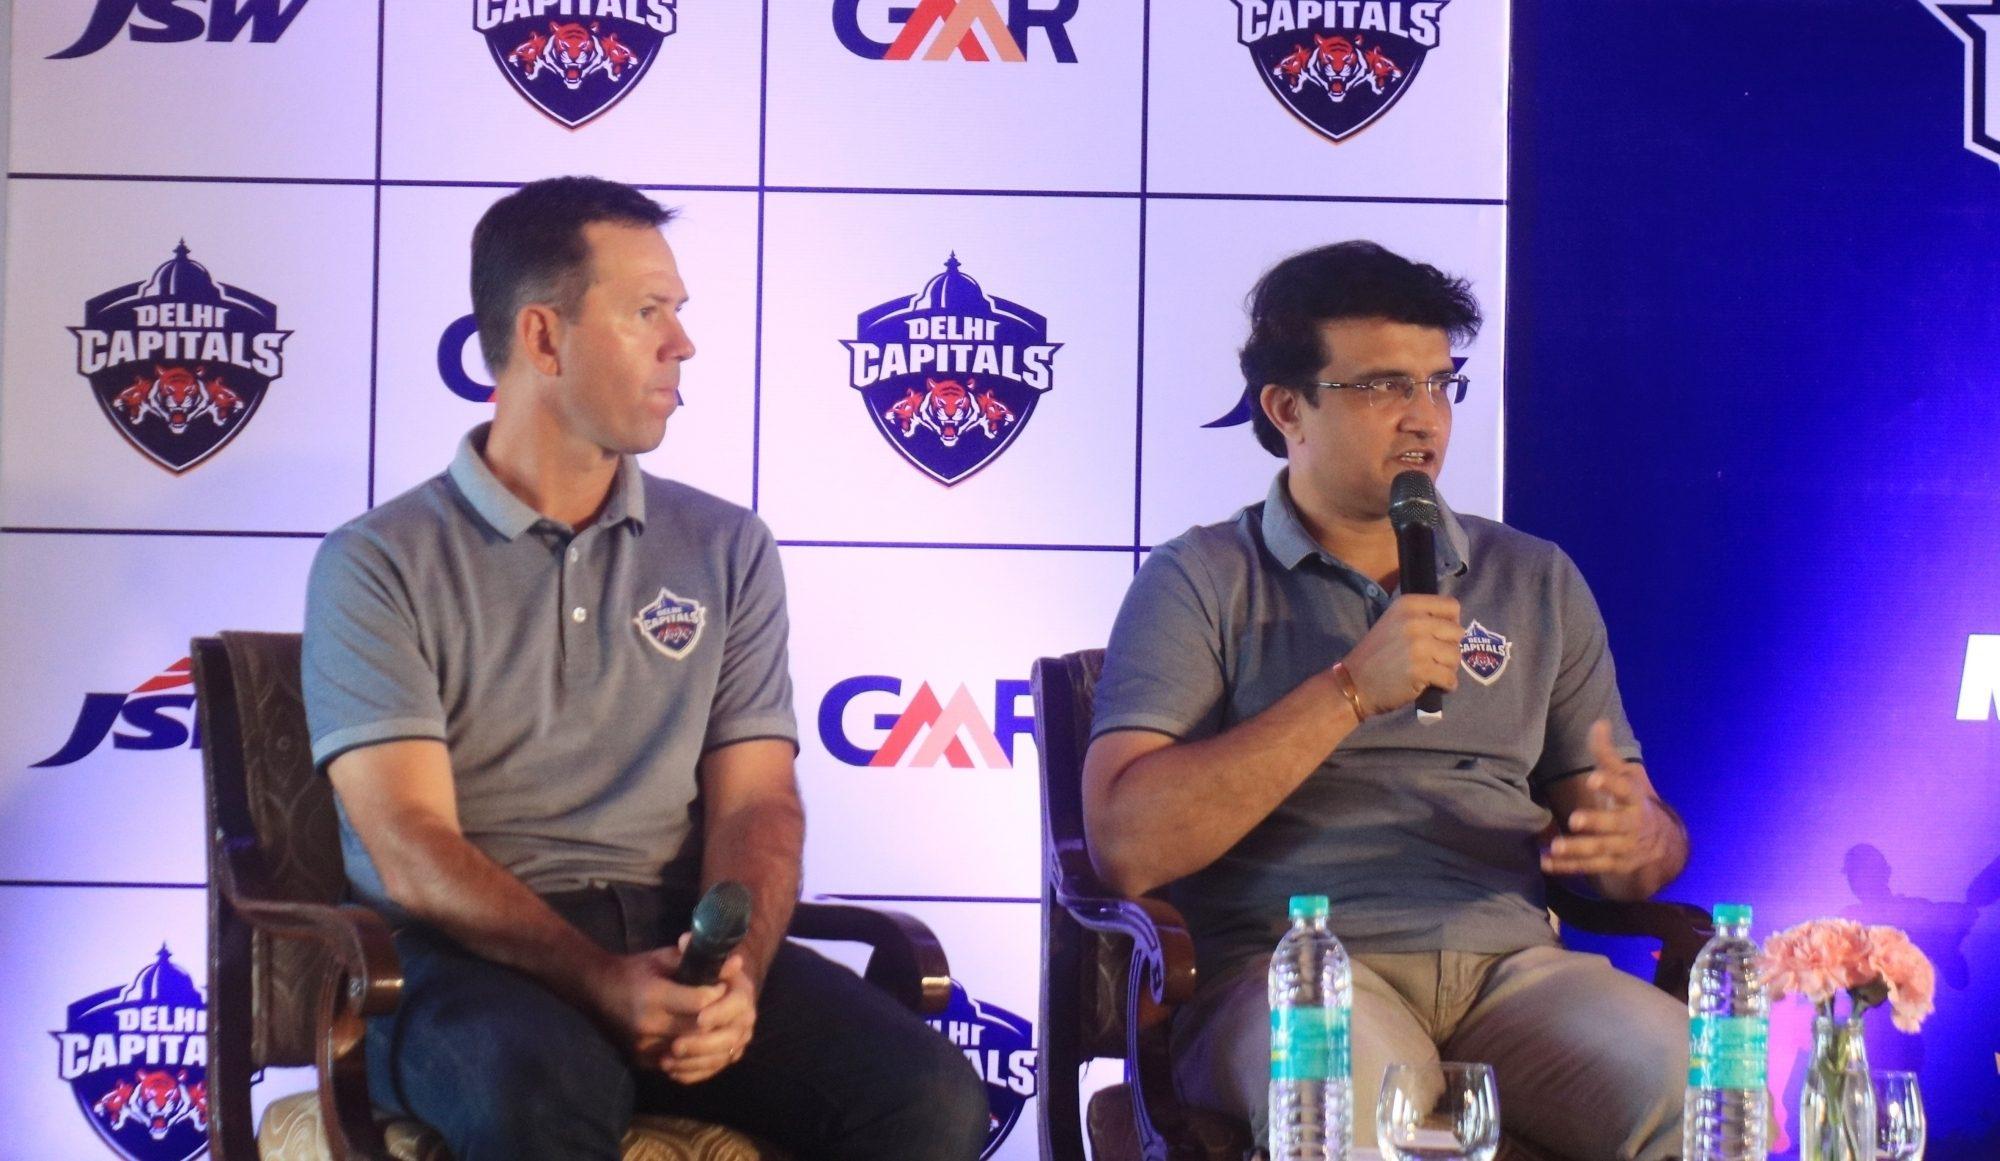 IPL 2019: दिल्ली कैपिटल्स से जुड़ने के बाद मुसीबत में फंसे सौरव गांगुली, हितो के टकराव का मामला दर्ज 1